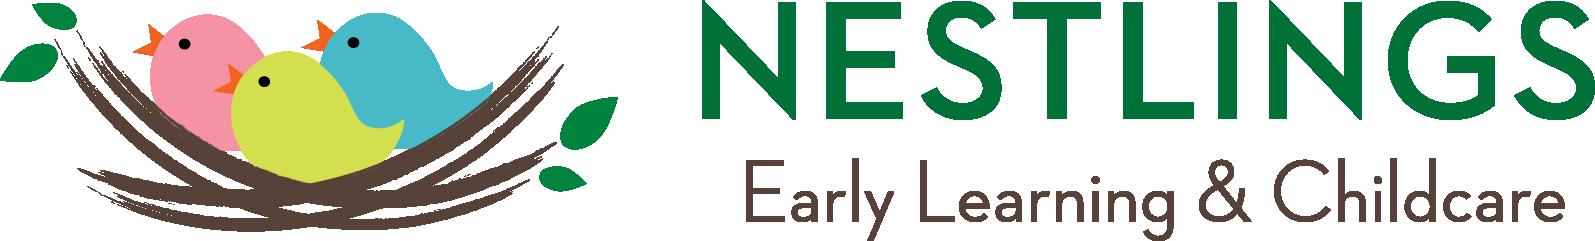 Nestlings logo